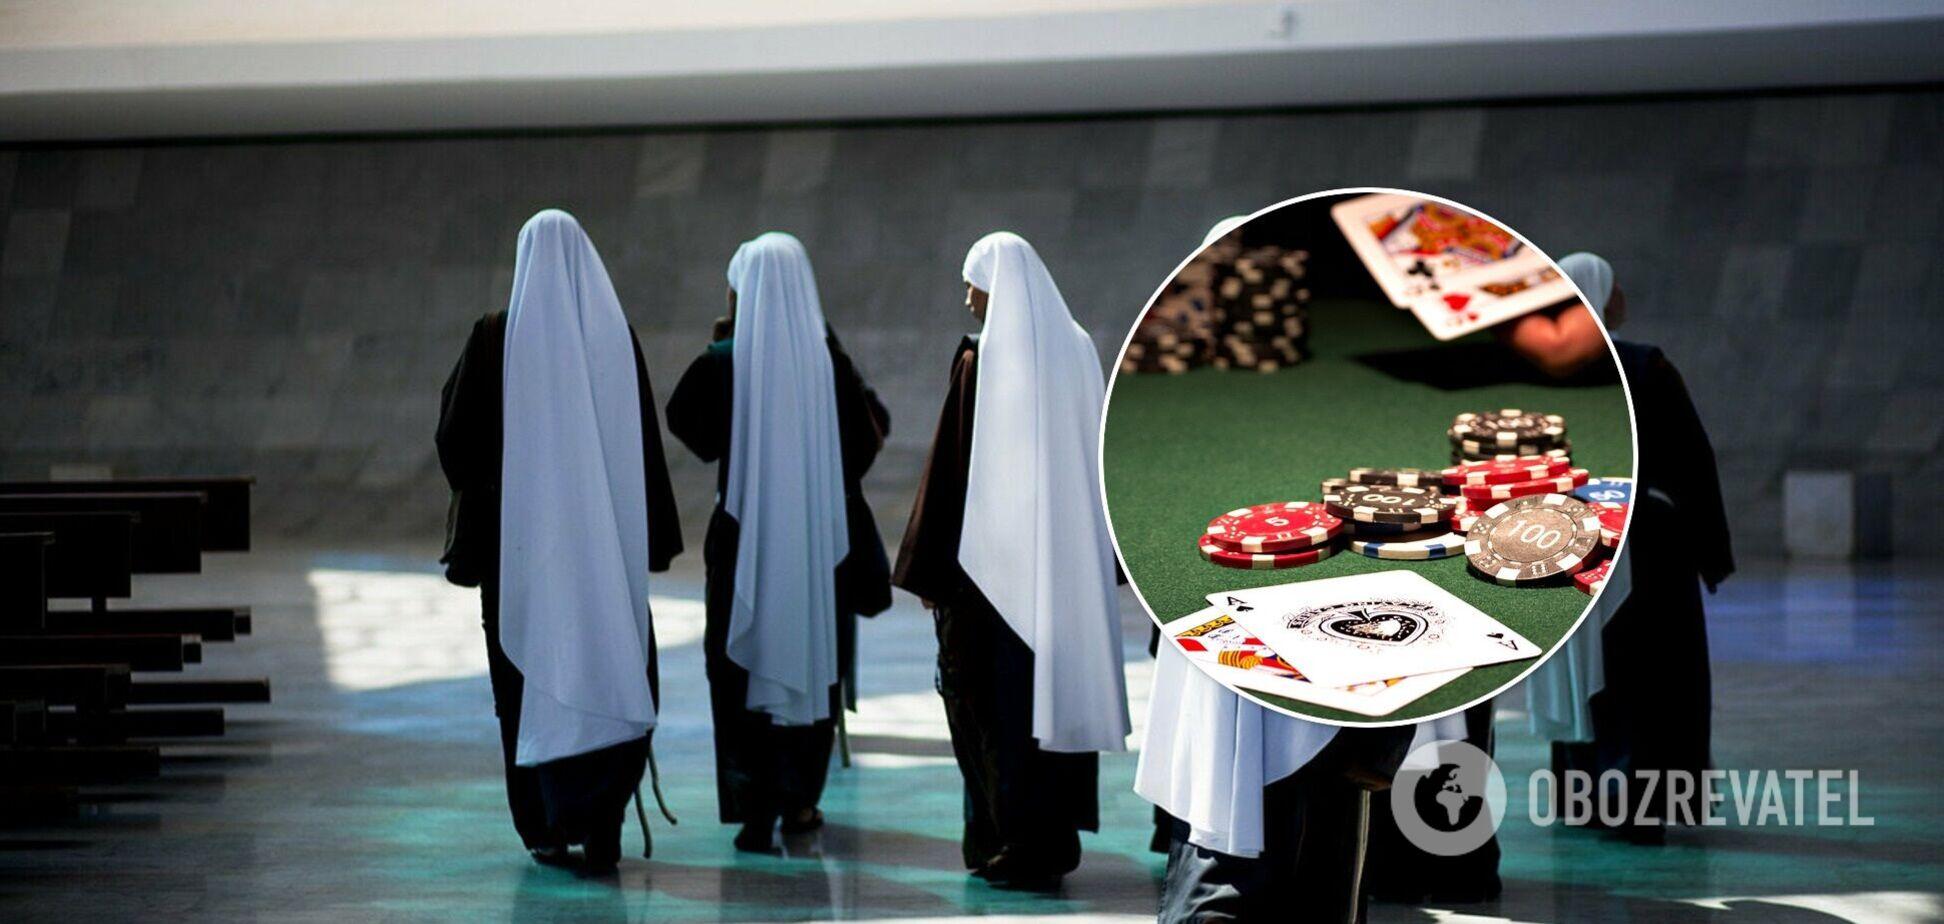 В Лос-Анджелесе монахиня за 10 лет спустила $800 тыс на казино